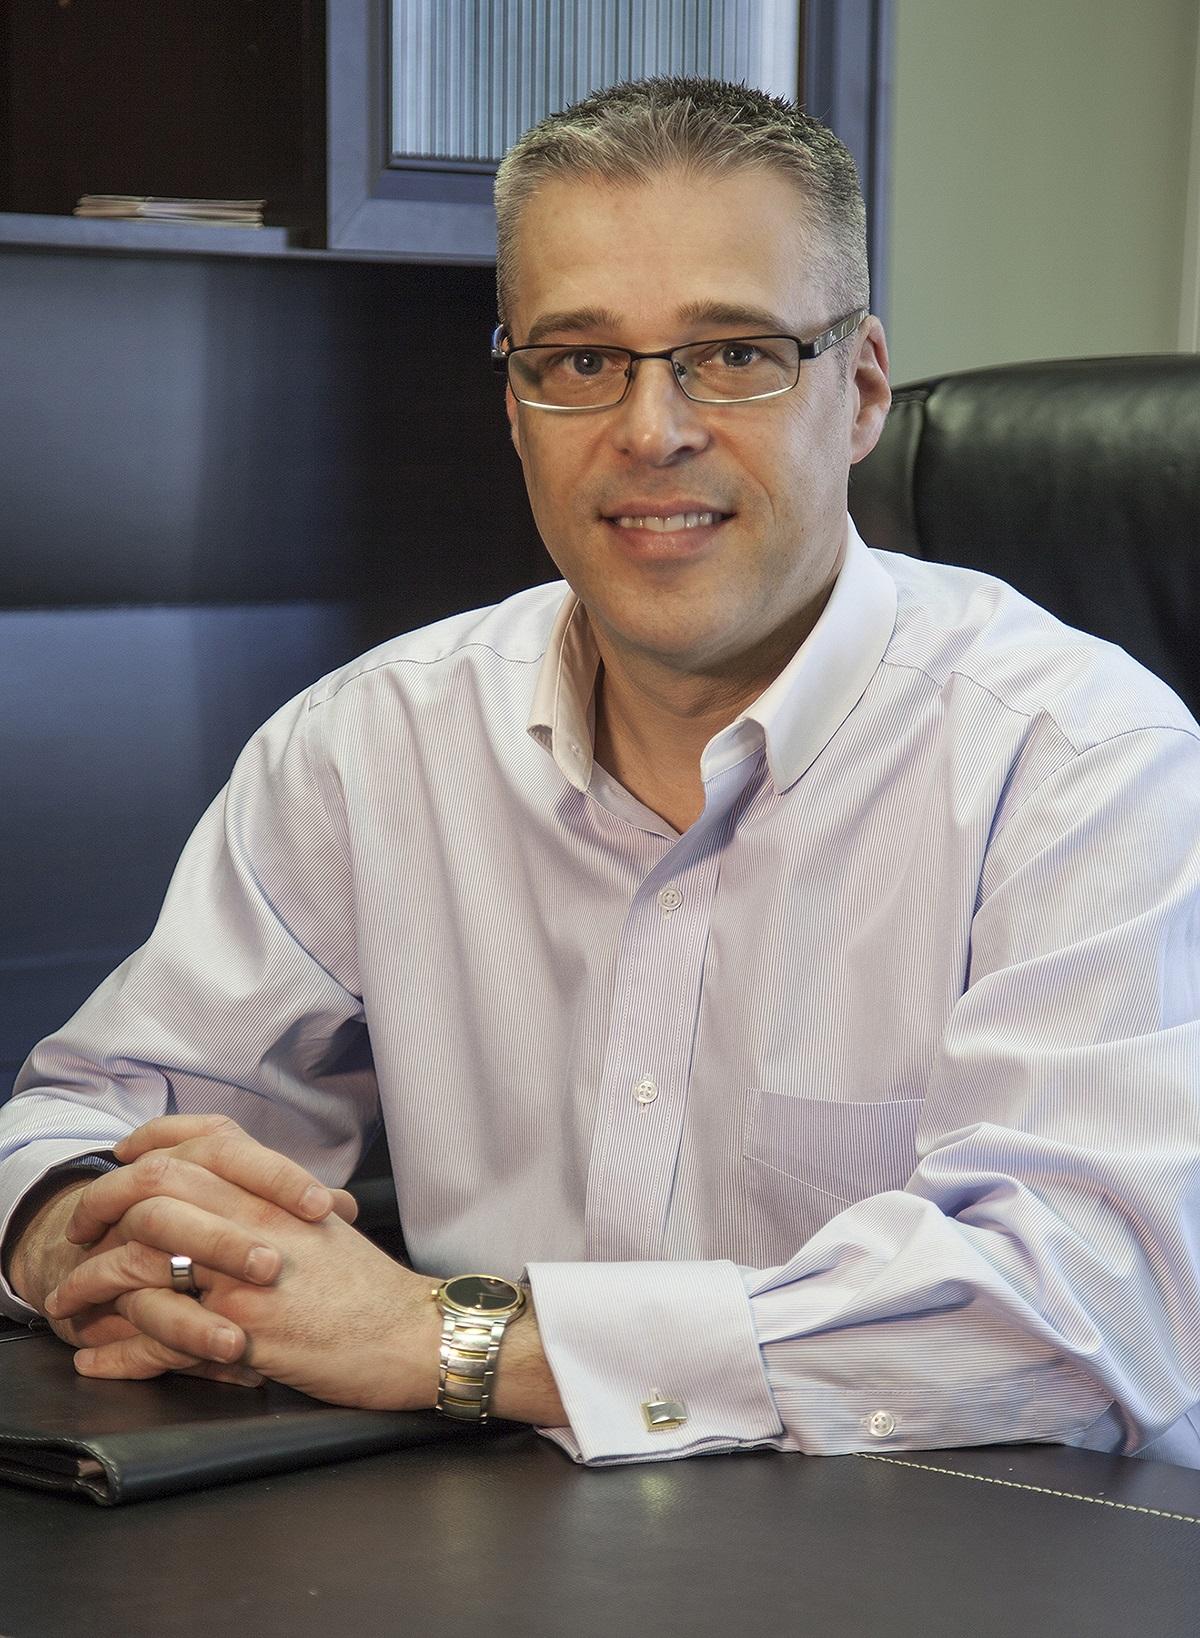 Pete Saari